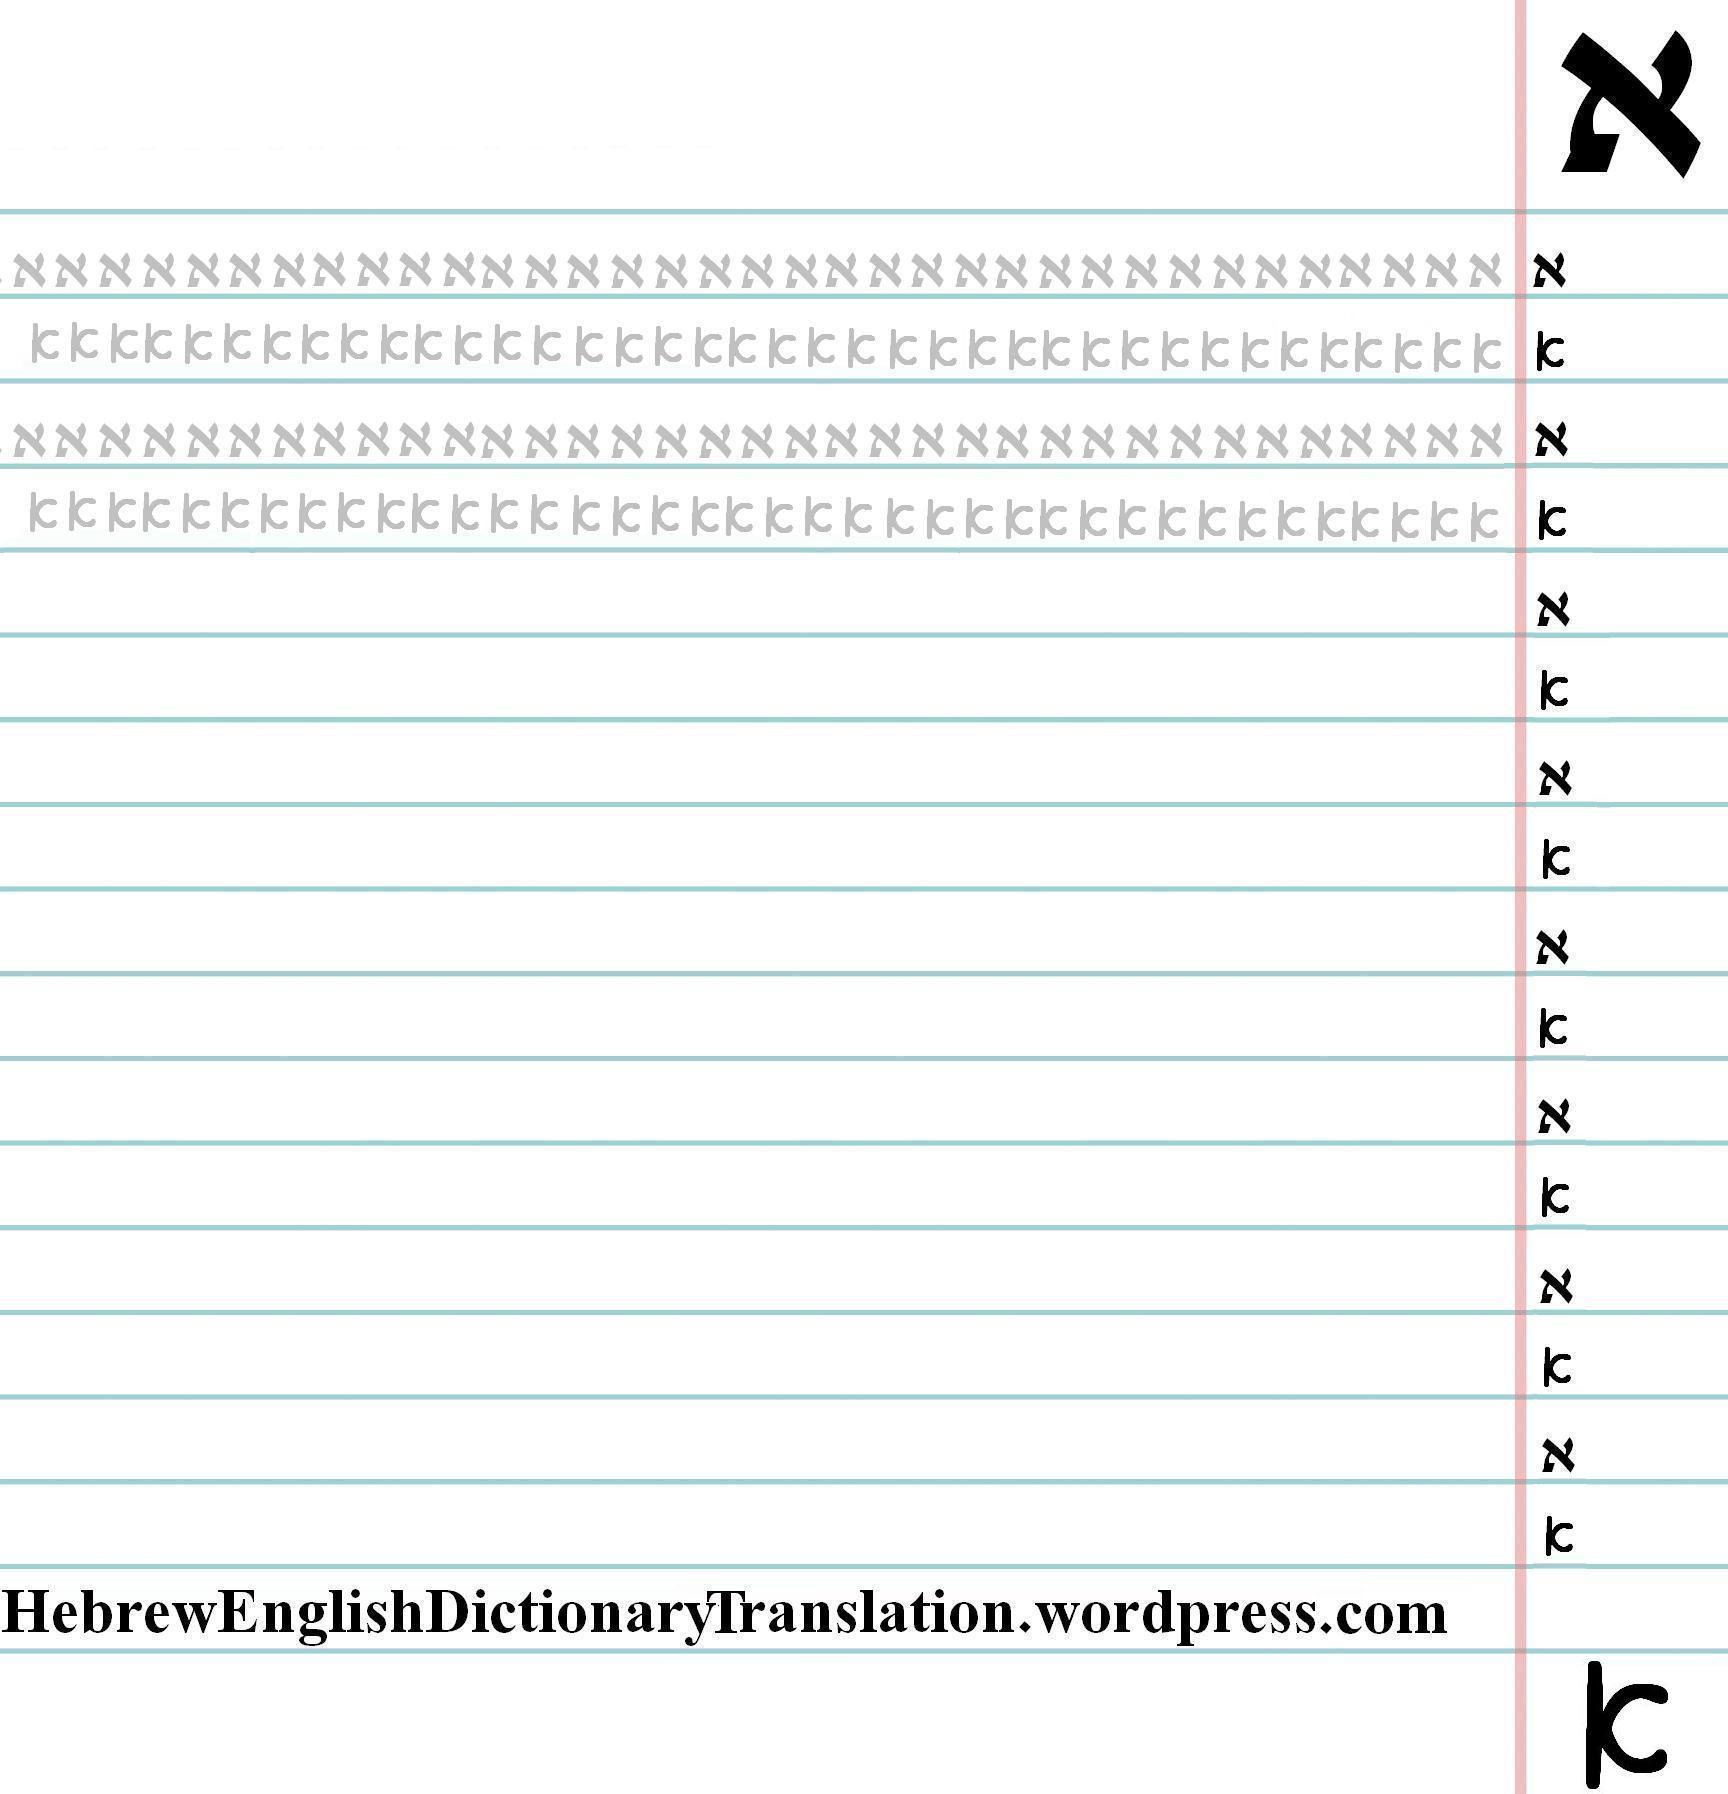 Aleph Hebrew Worksheets